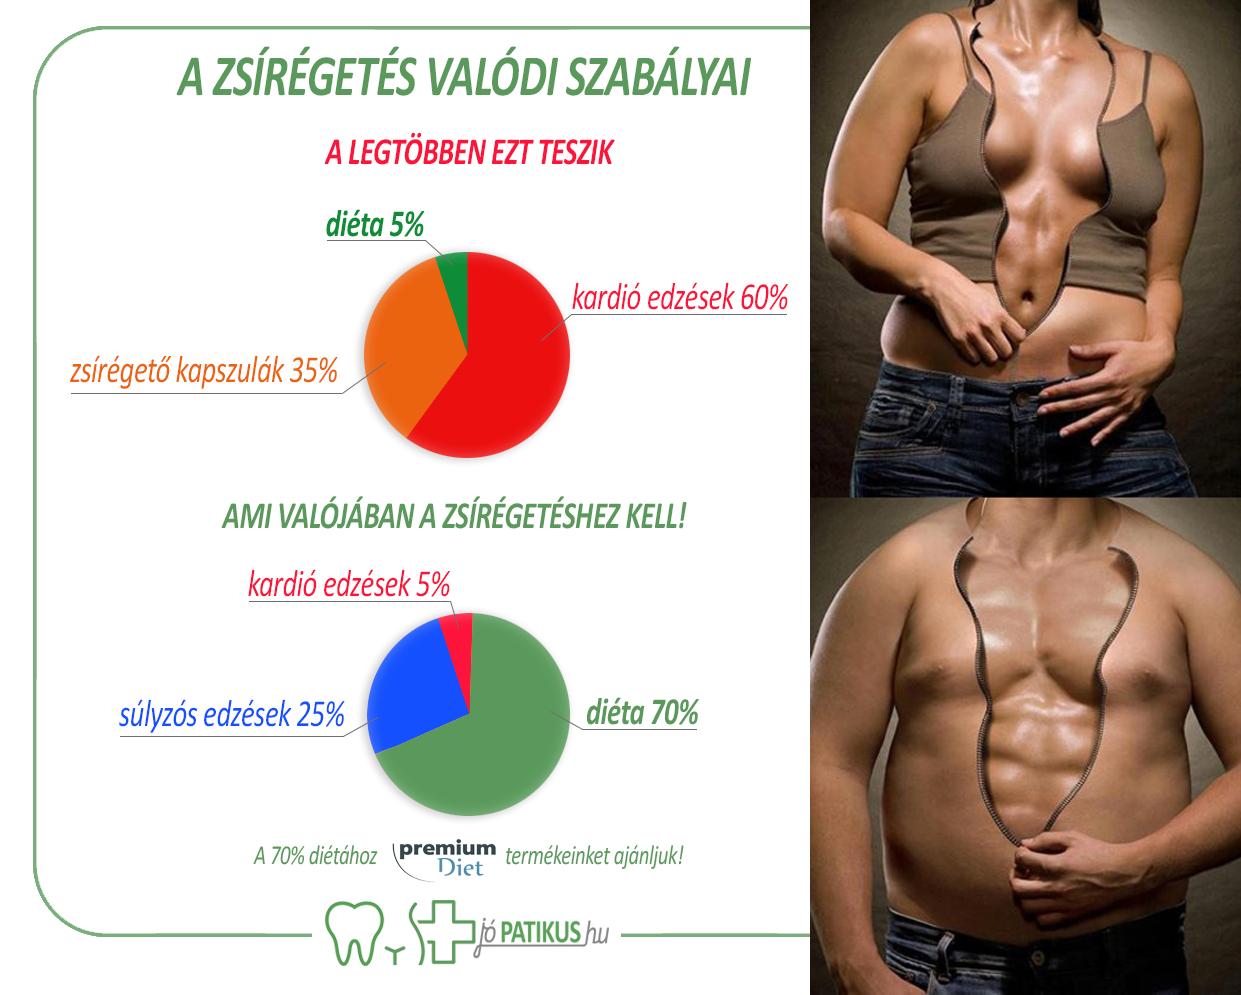 fogyni arány)